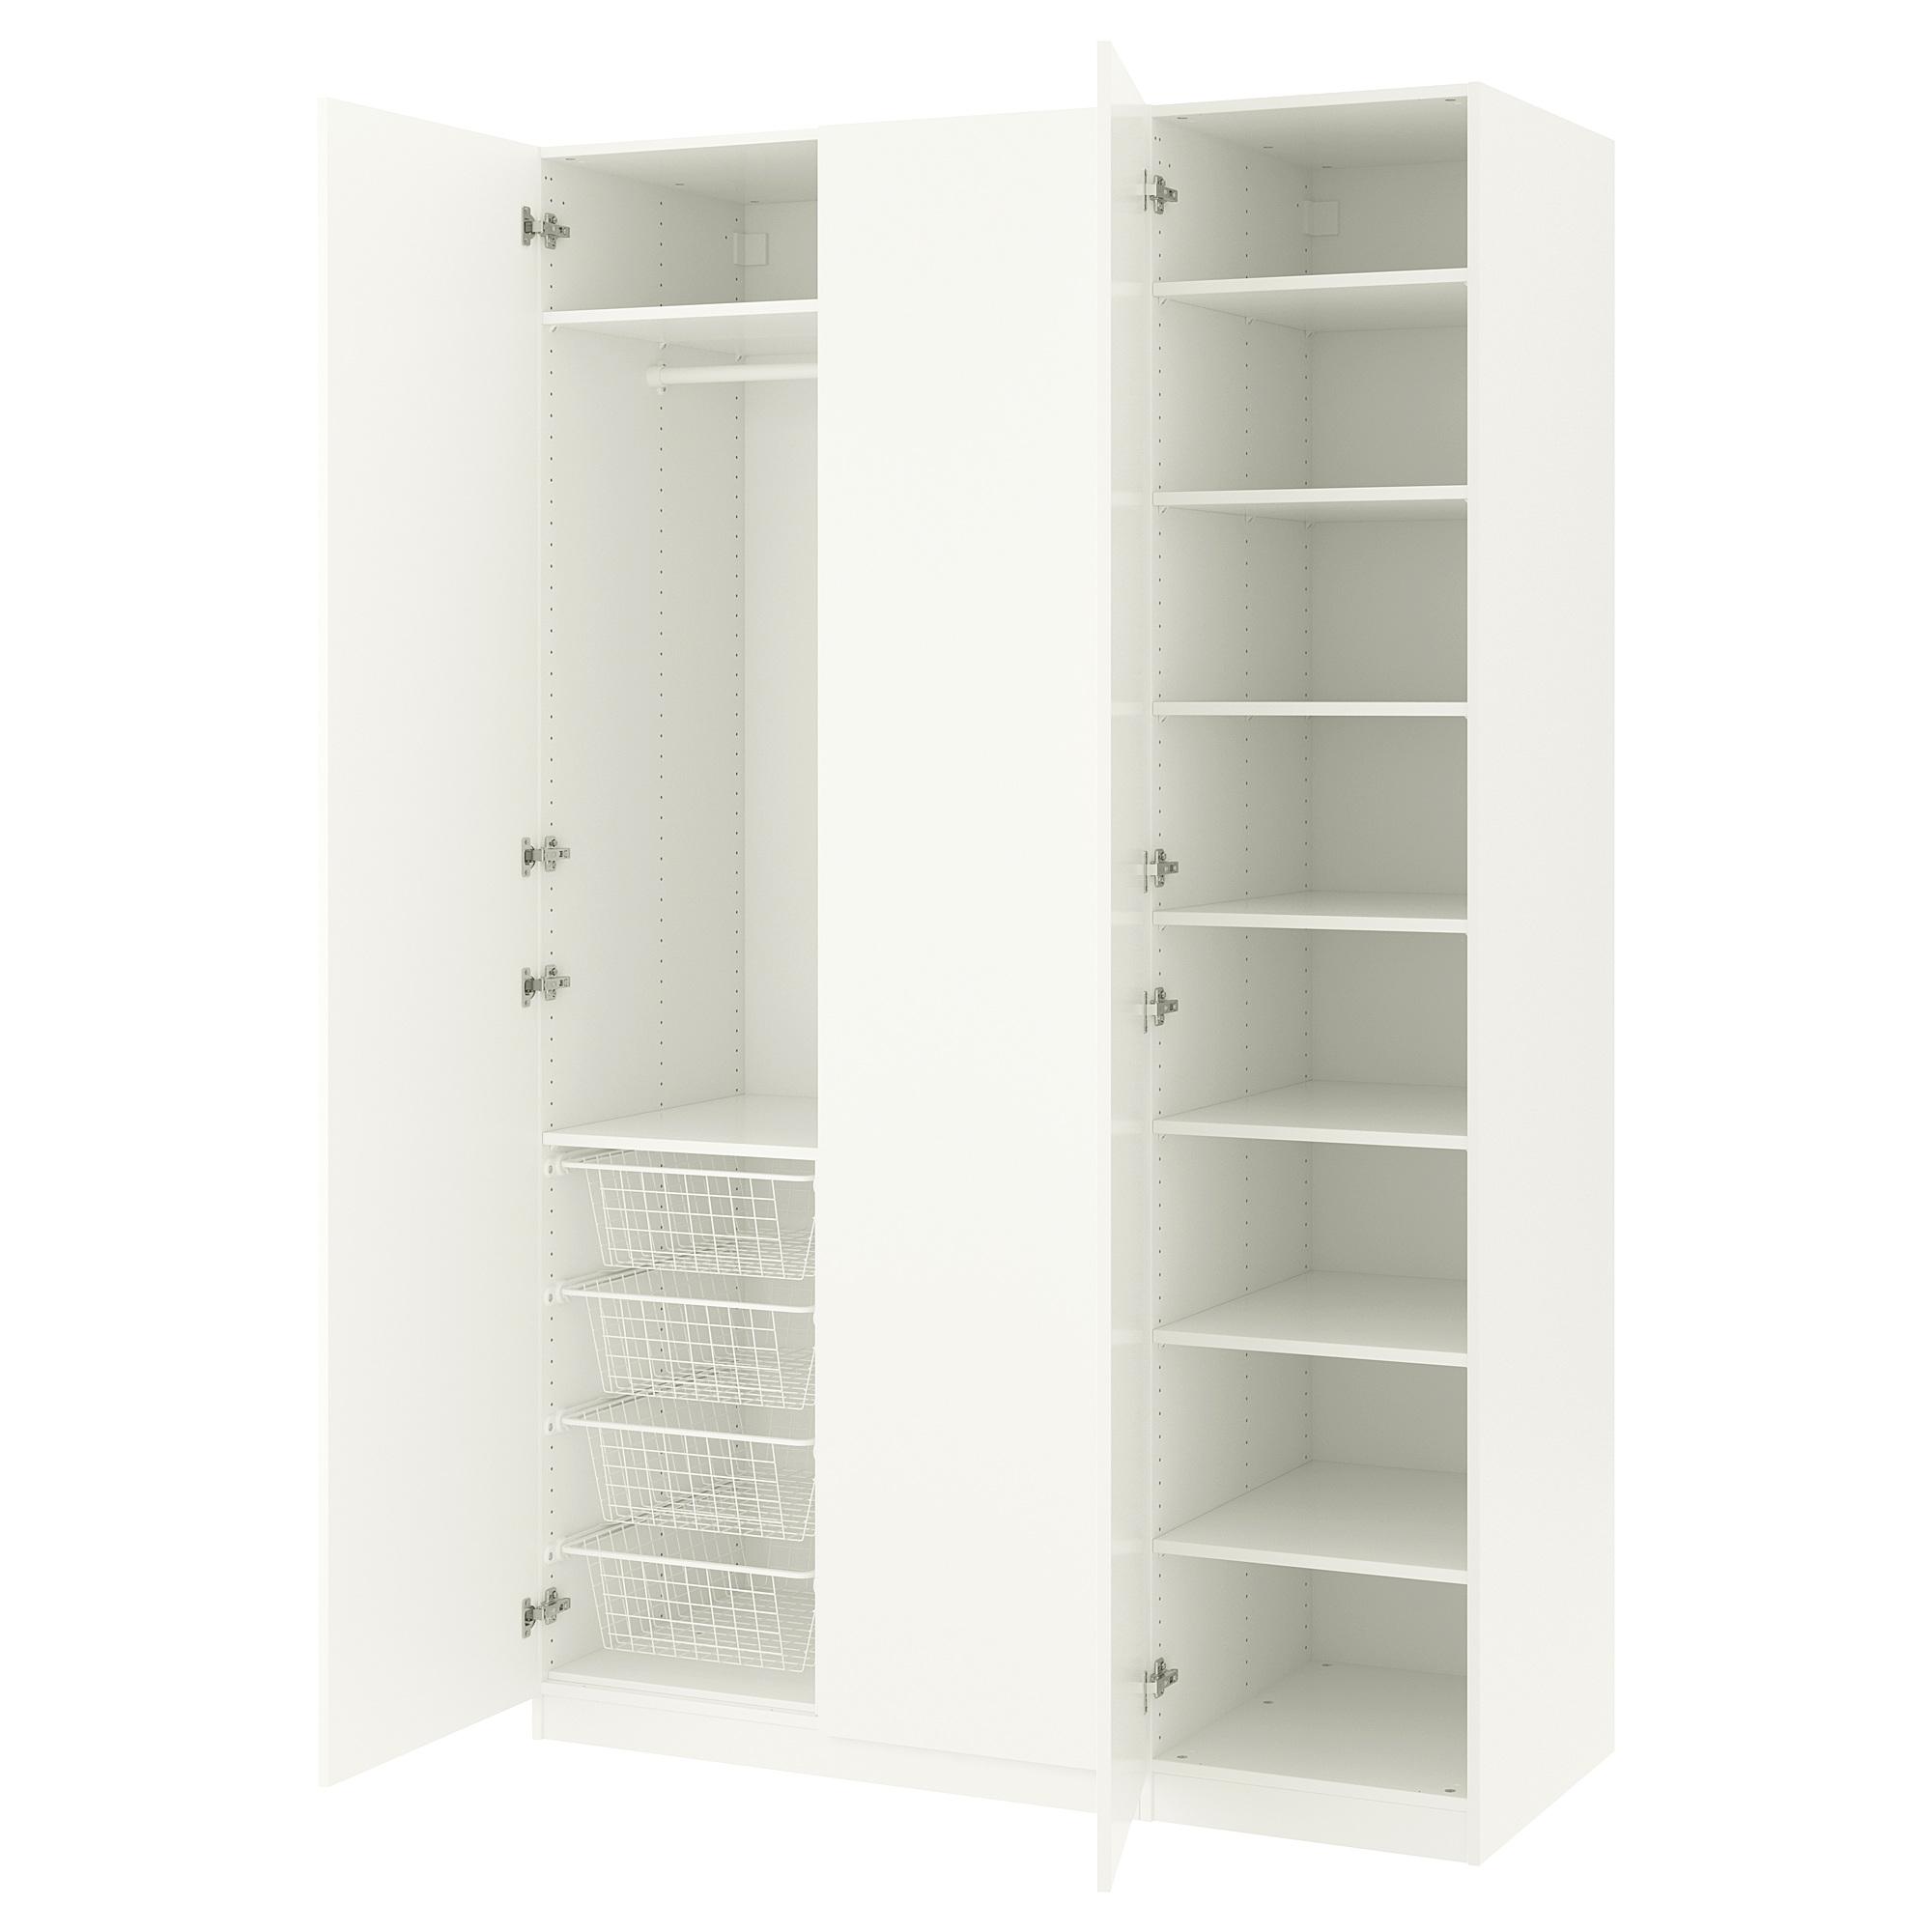 Гардероб ПАКС белый артикуль № 692.464.67 в наличии. Online сайт IKEA РБ. Быстрая доставка и монтаж.